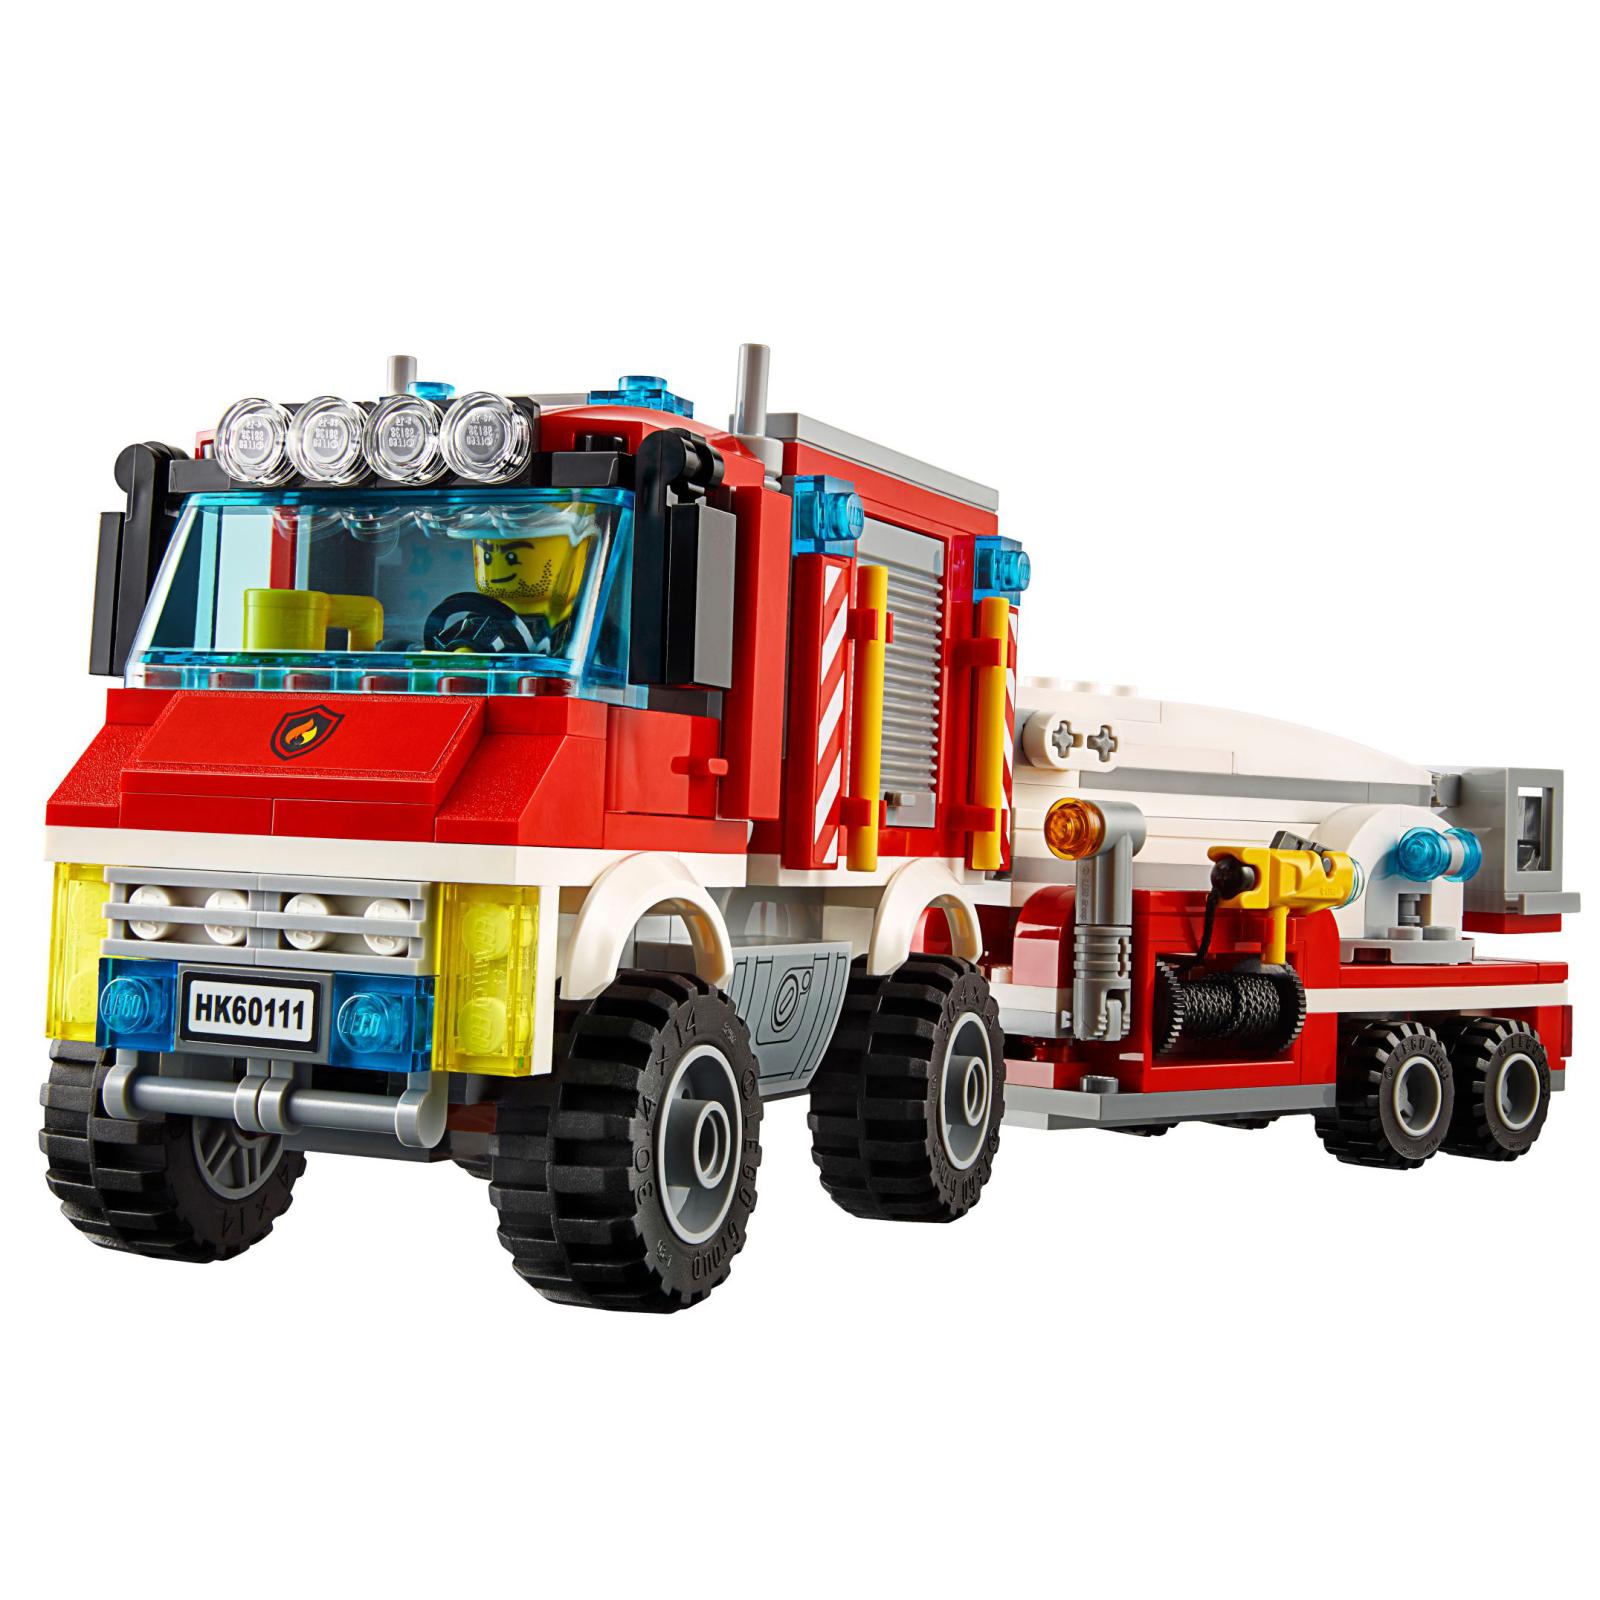 Конструктор LEGO City Fire Пожарный грузовик (60111) изображение 3